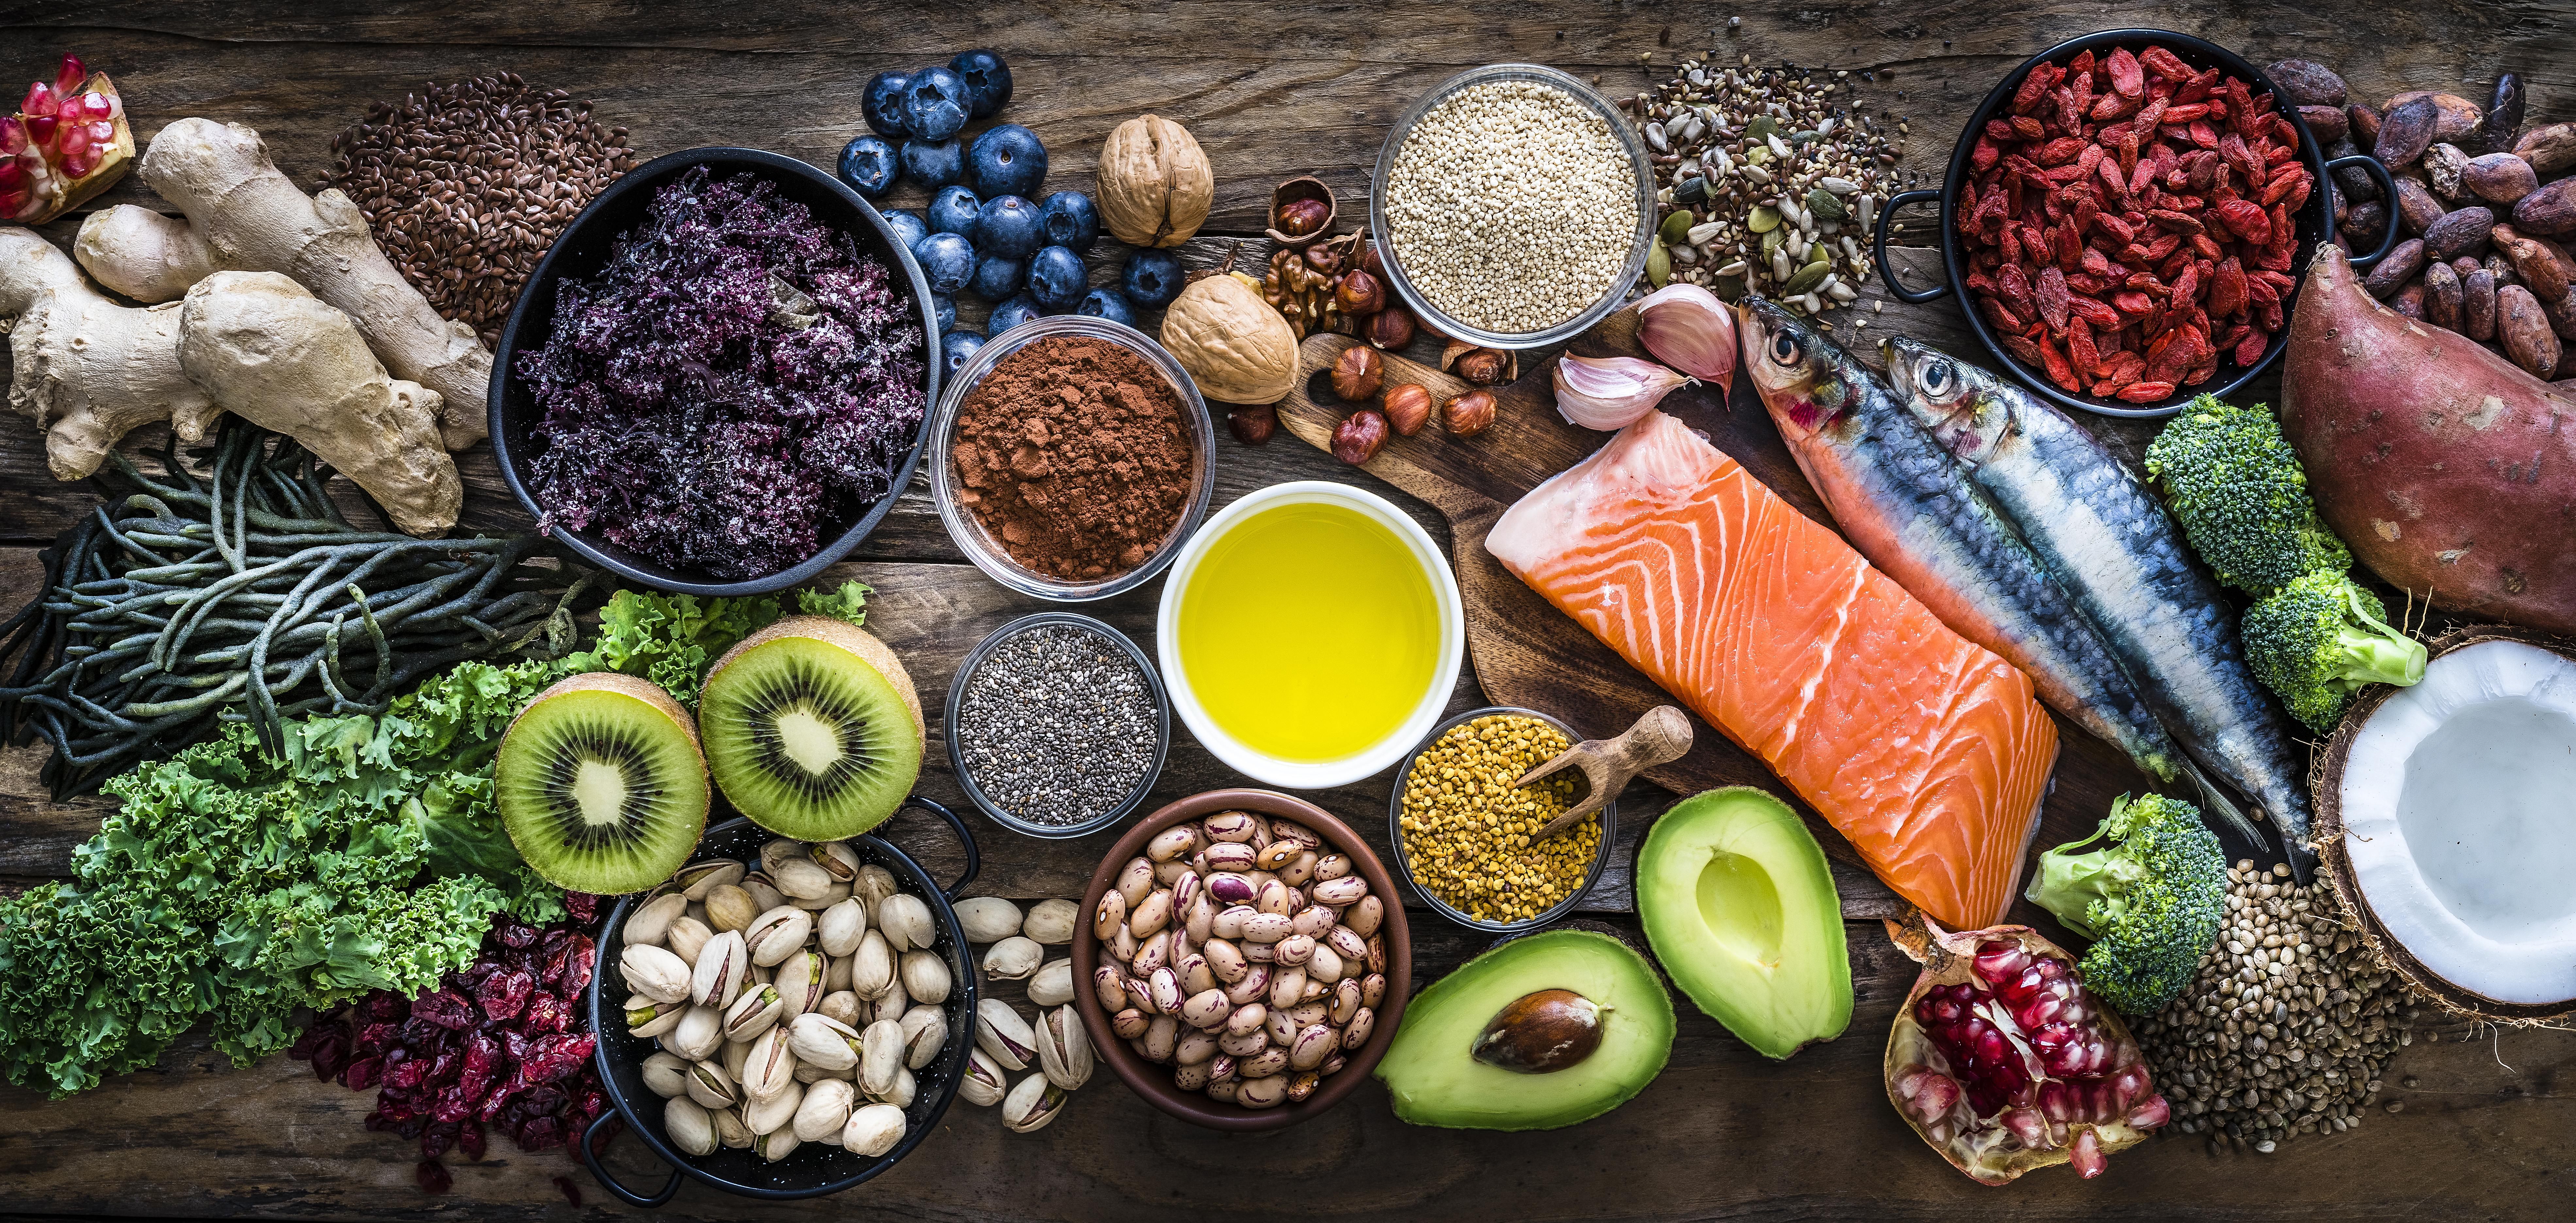 Consumir frutas y verduras, tomar agua, calcular bien las porciones y evitar el exceso de alimentos procesados son las bases de una dieta sana. Información relevante para tomar mejores decisiones en la mesa.